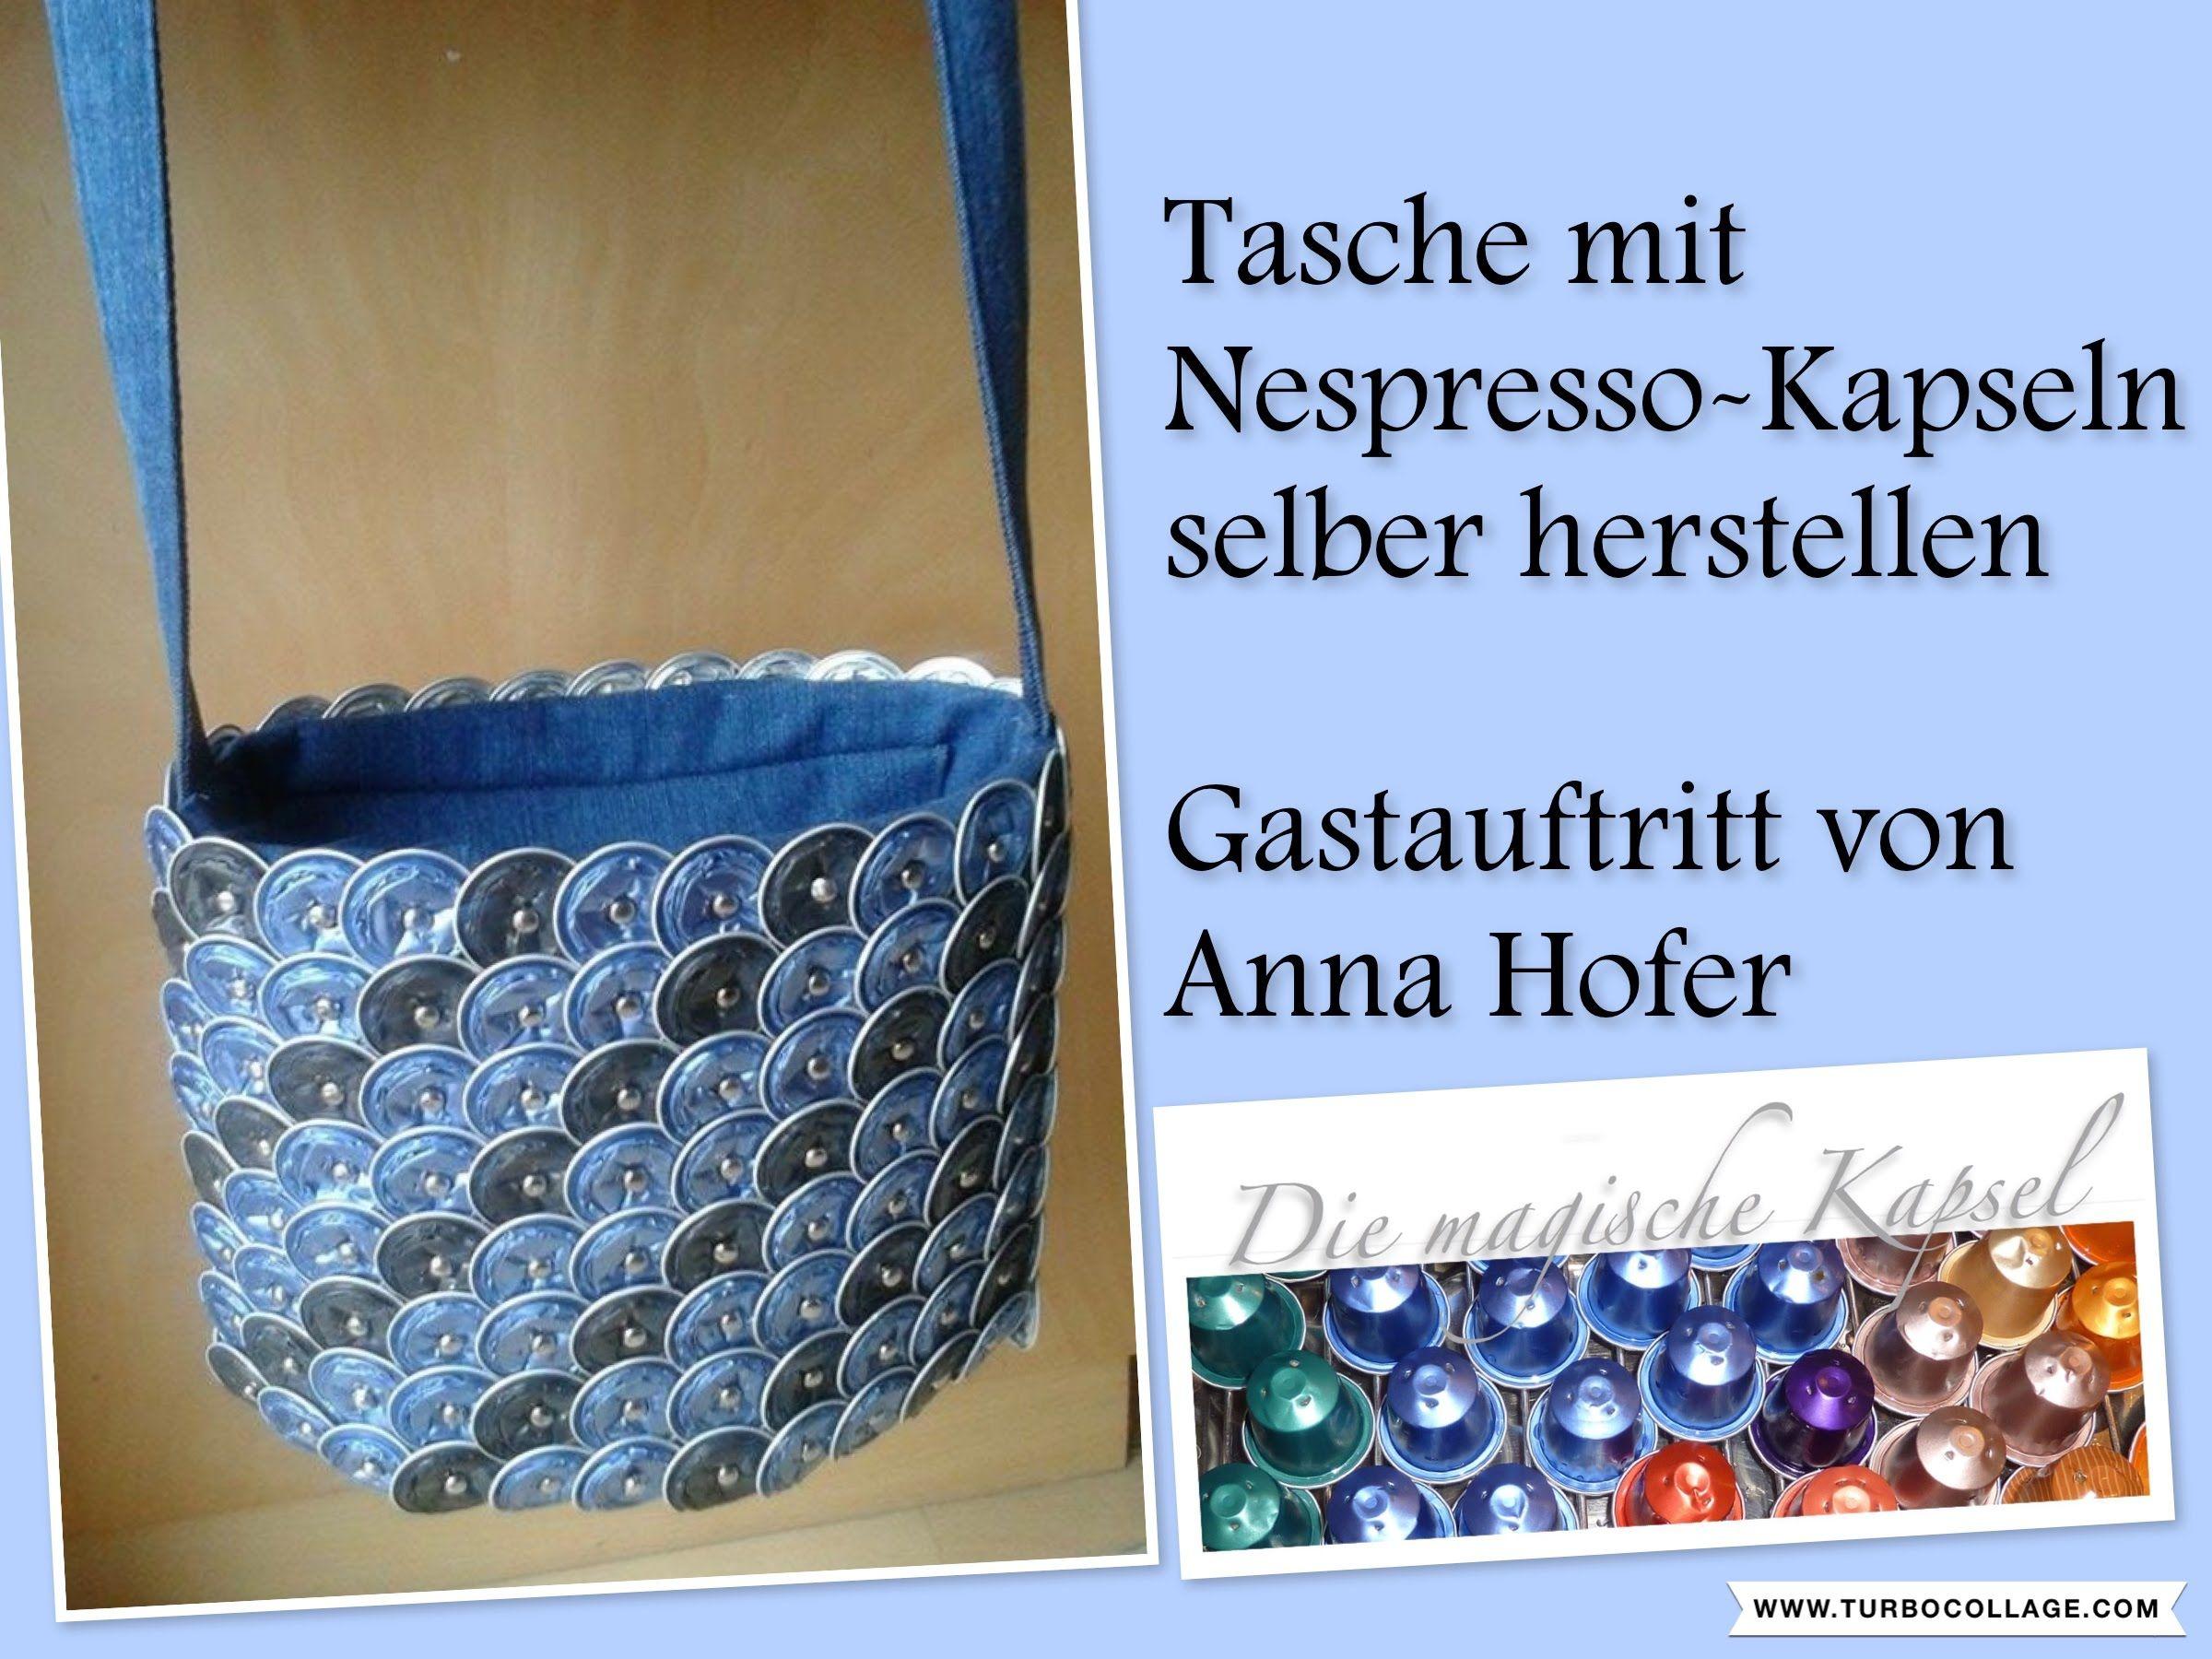 tasche mit kapseln selber herstellen anleitung von anna hofer wendet. Black Bedroom Furniture Sets. Home Design Ideas